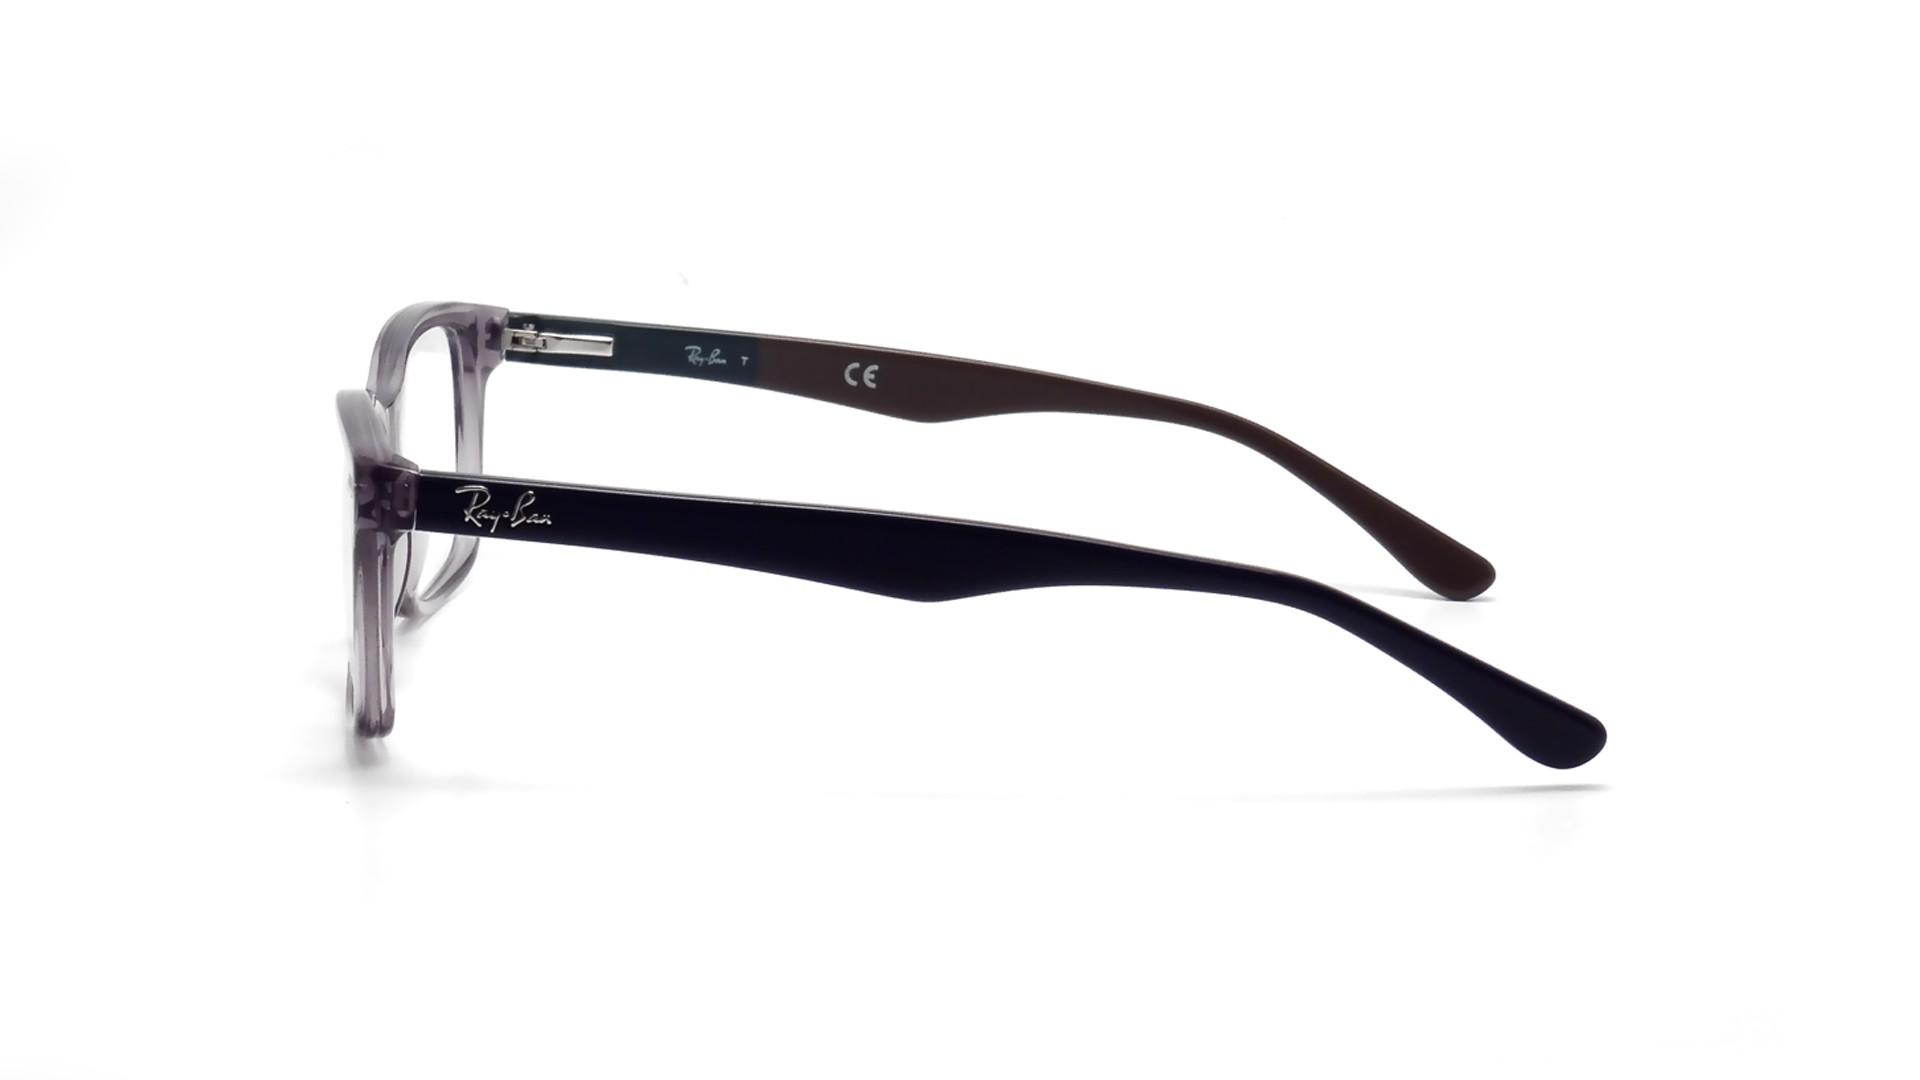 89daab8fe3 Ray Ban Rx 5228 Eyeglasses 5546 Grey